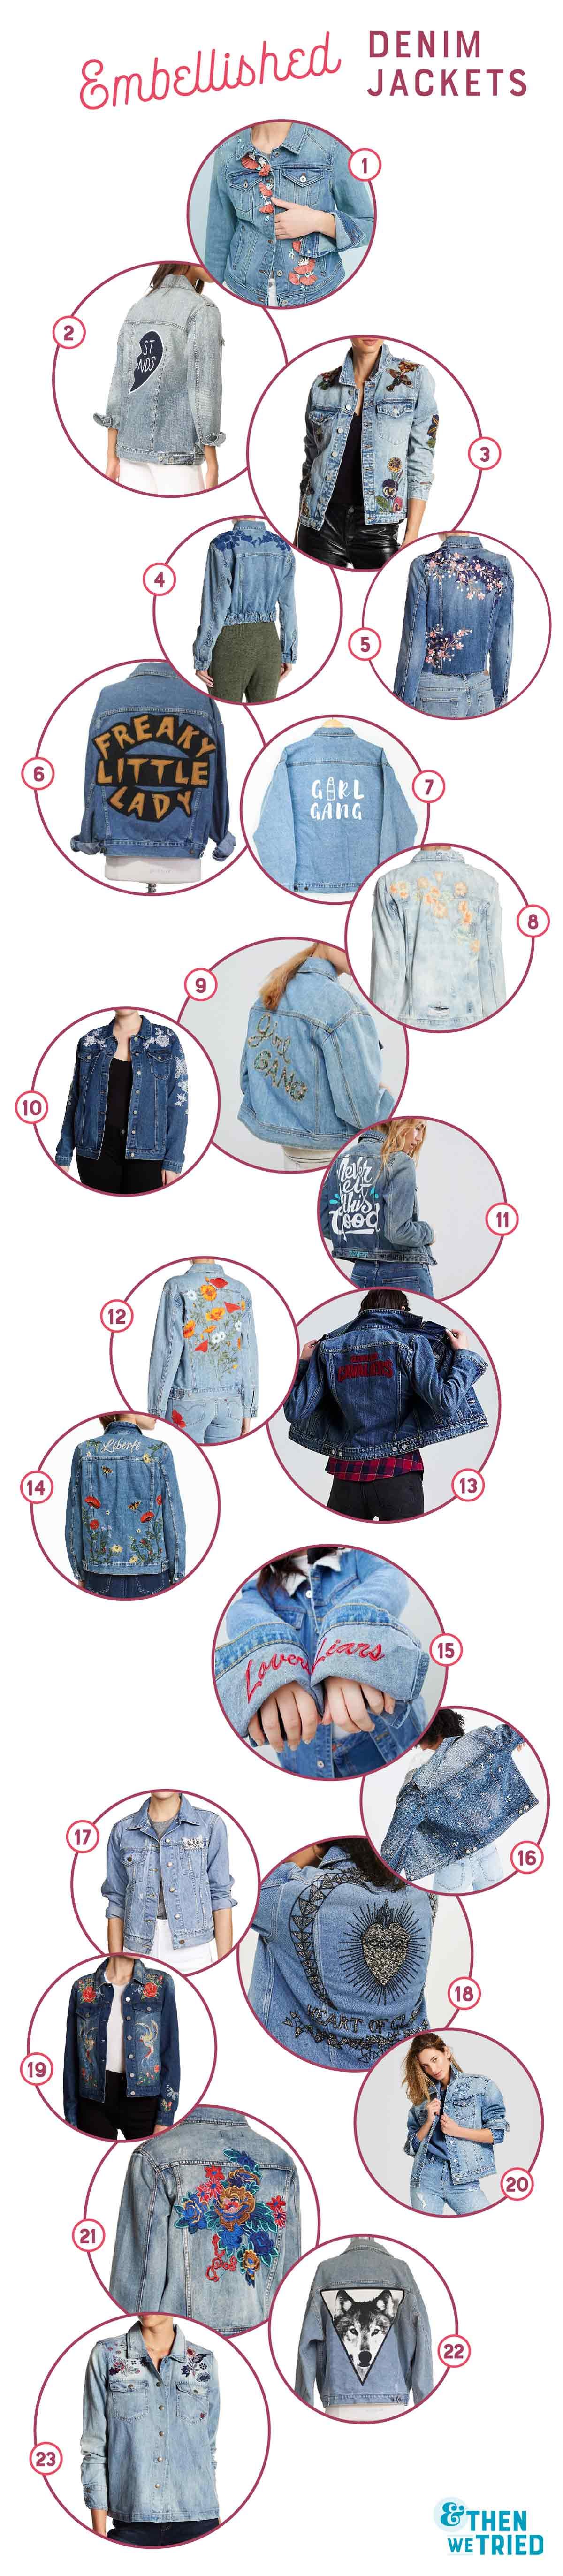 Our favorite embellished denim jackets